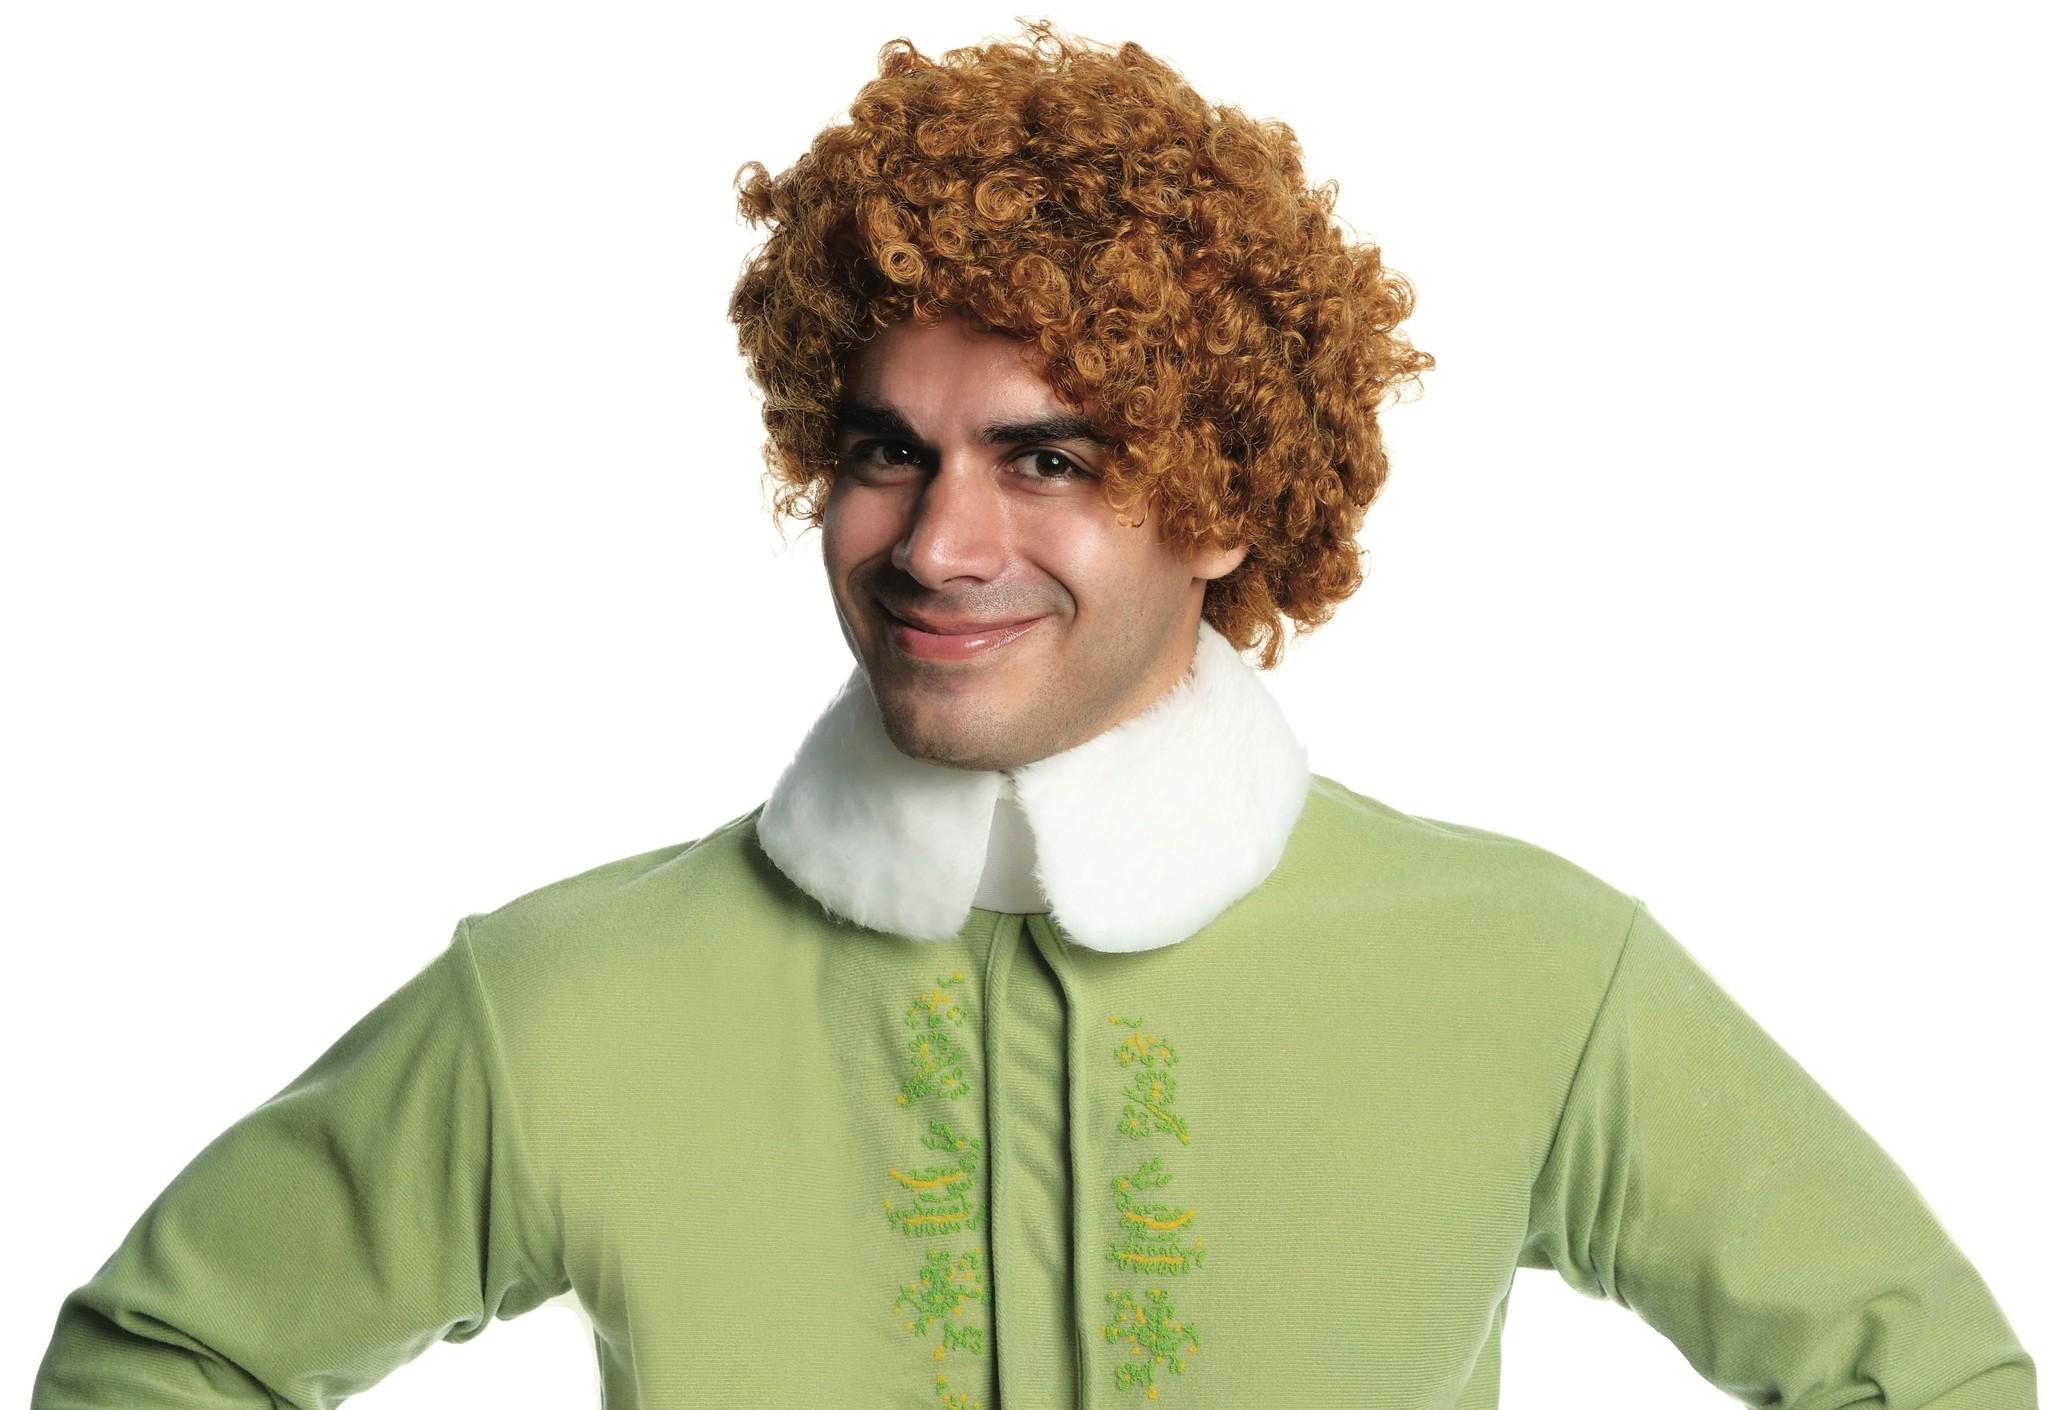 Elf Costumes & Accessories